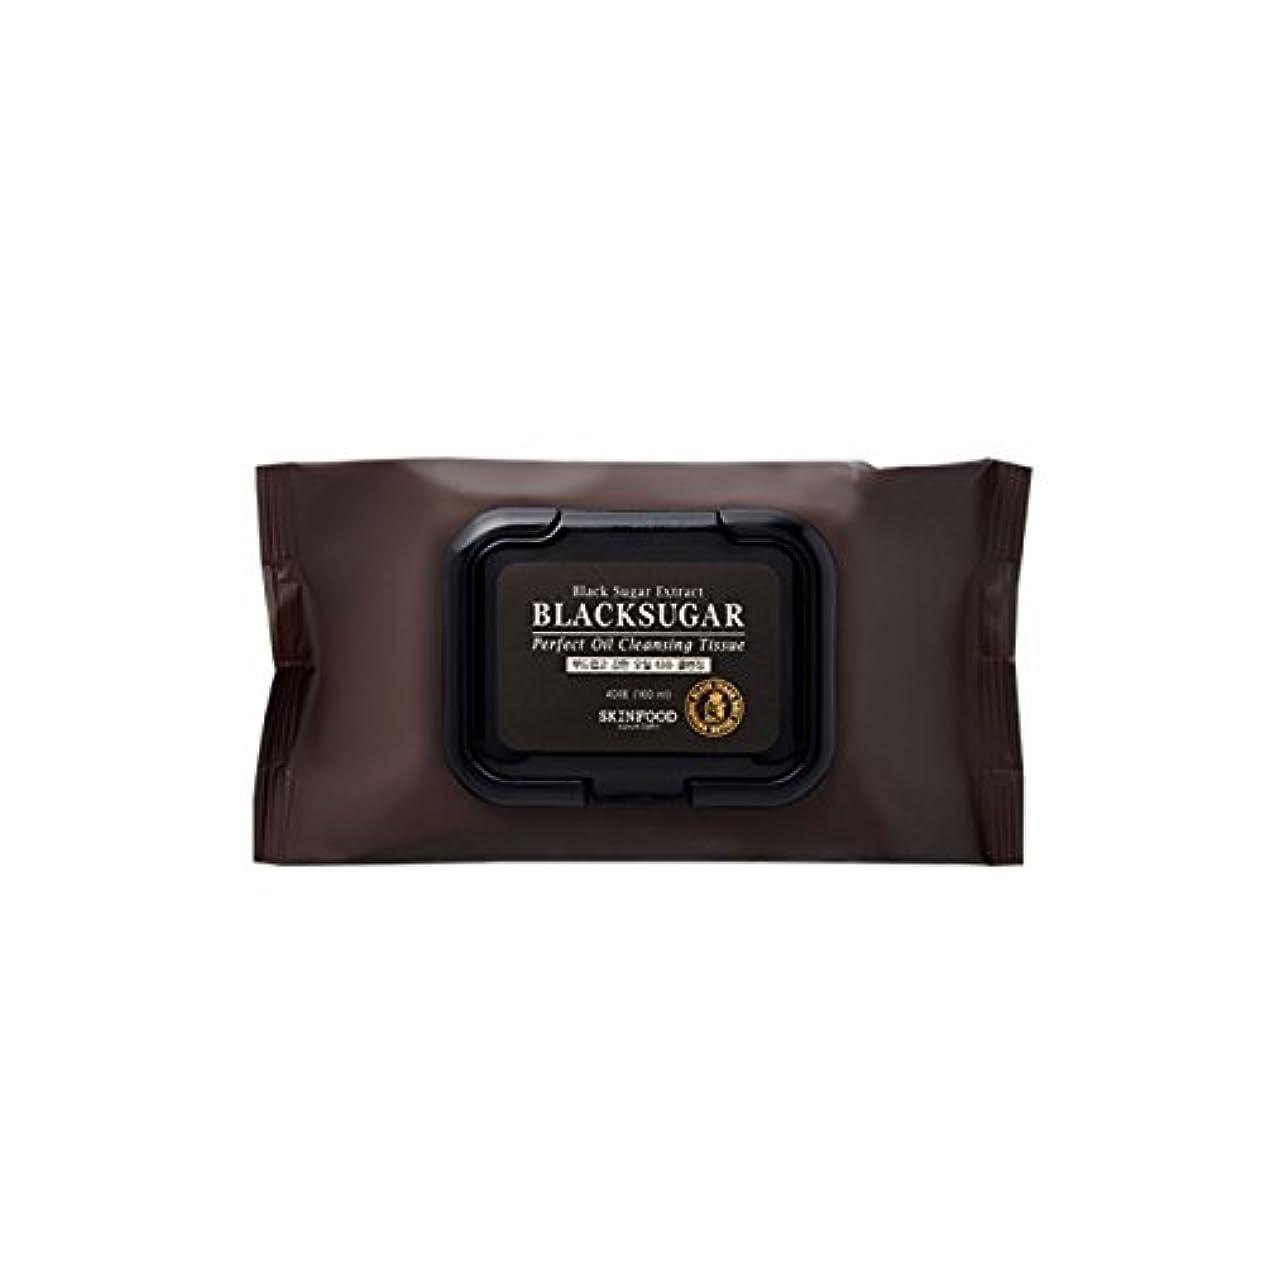 スカープ一月音節[スキンフード] SKINFOOD ブラックシュガーパーフェクトオイルクレンジングティッシュ Black Sugar Perfect Oil Cleansing Tissue [並行輸入品]